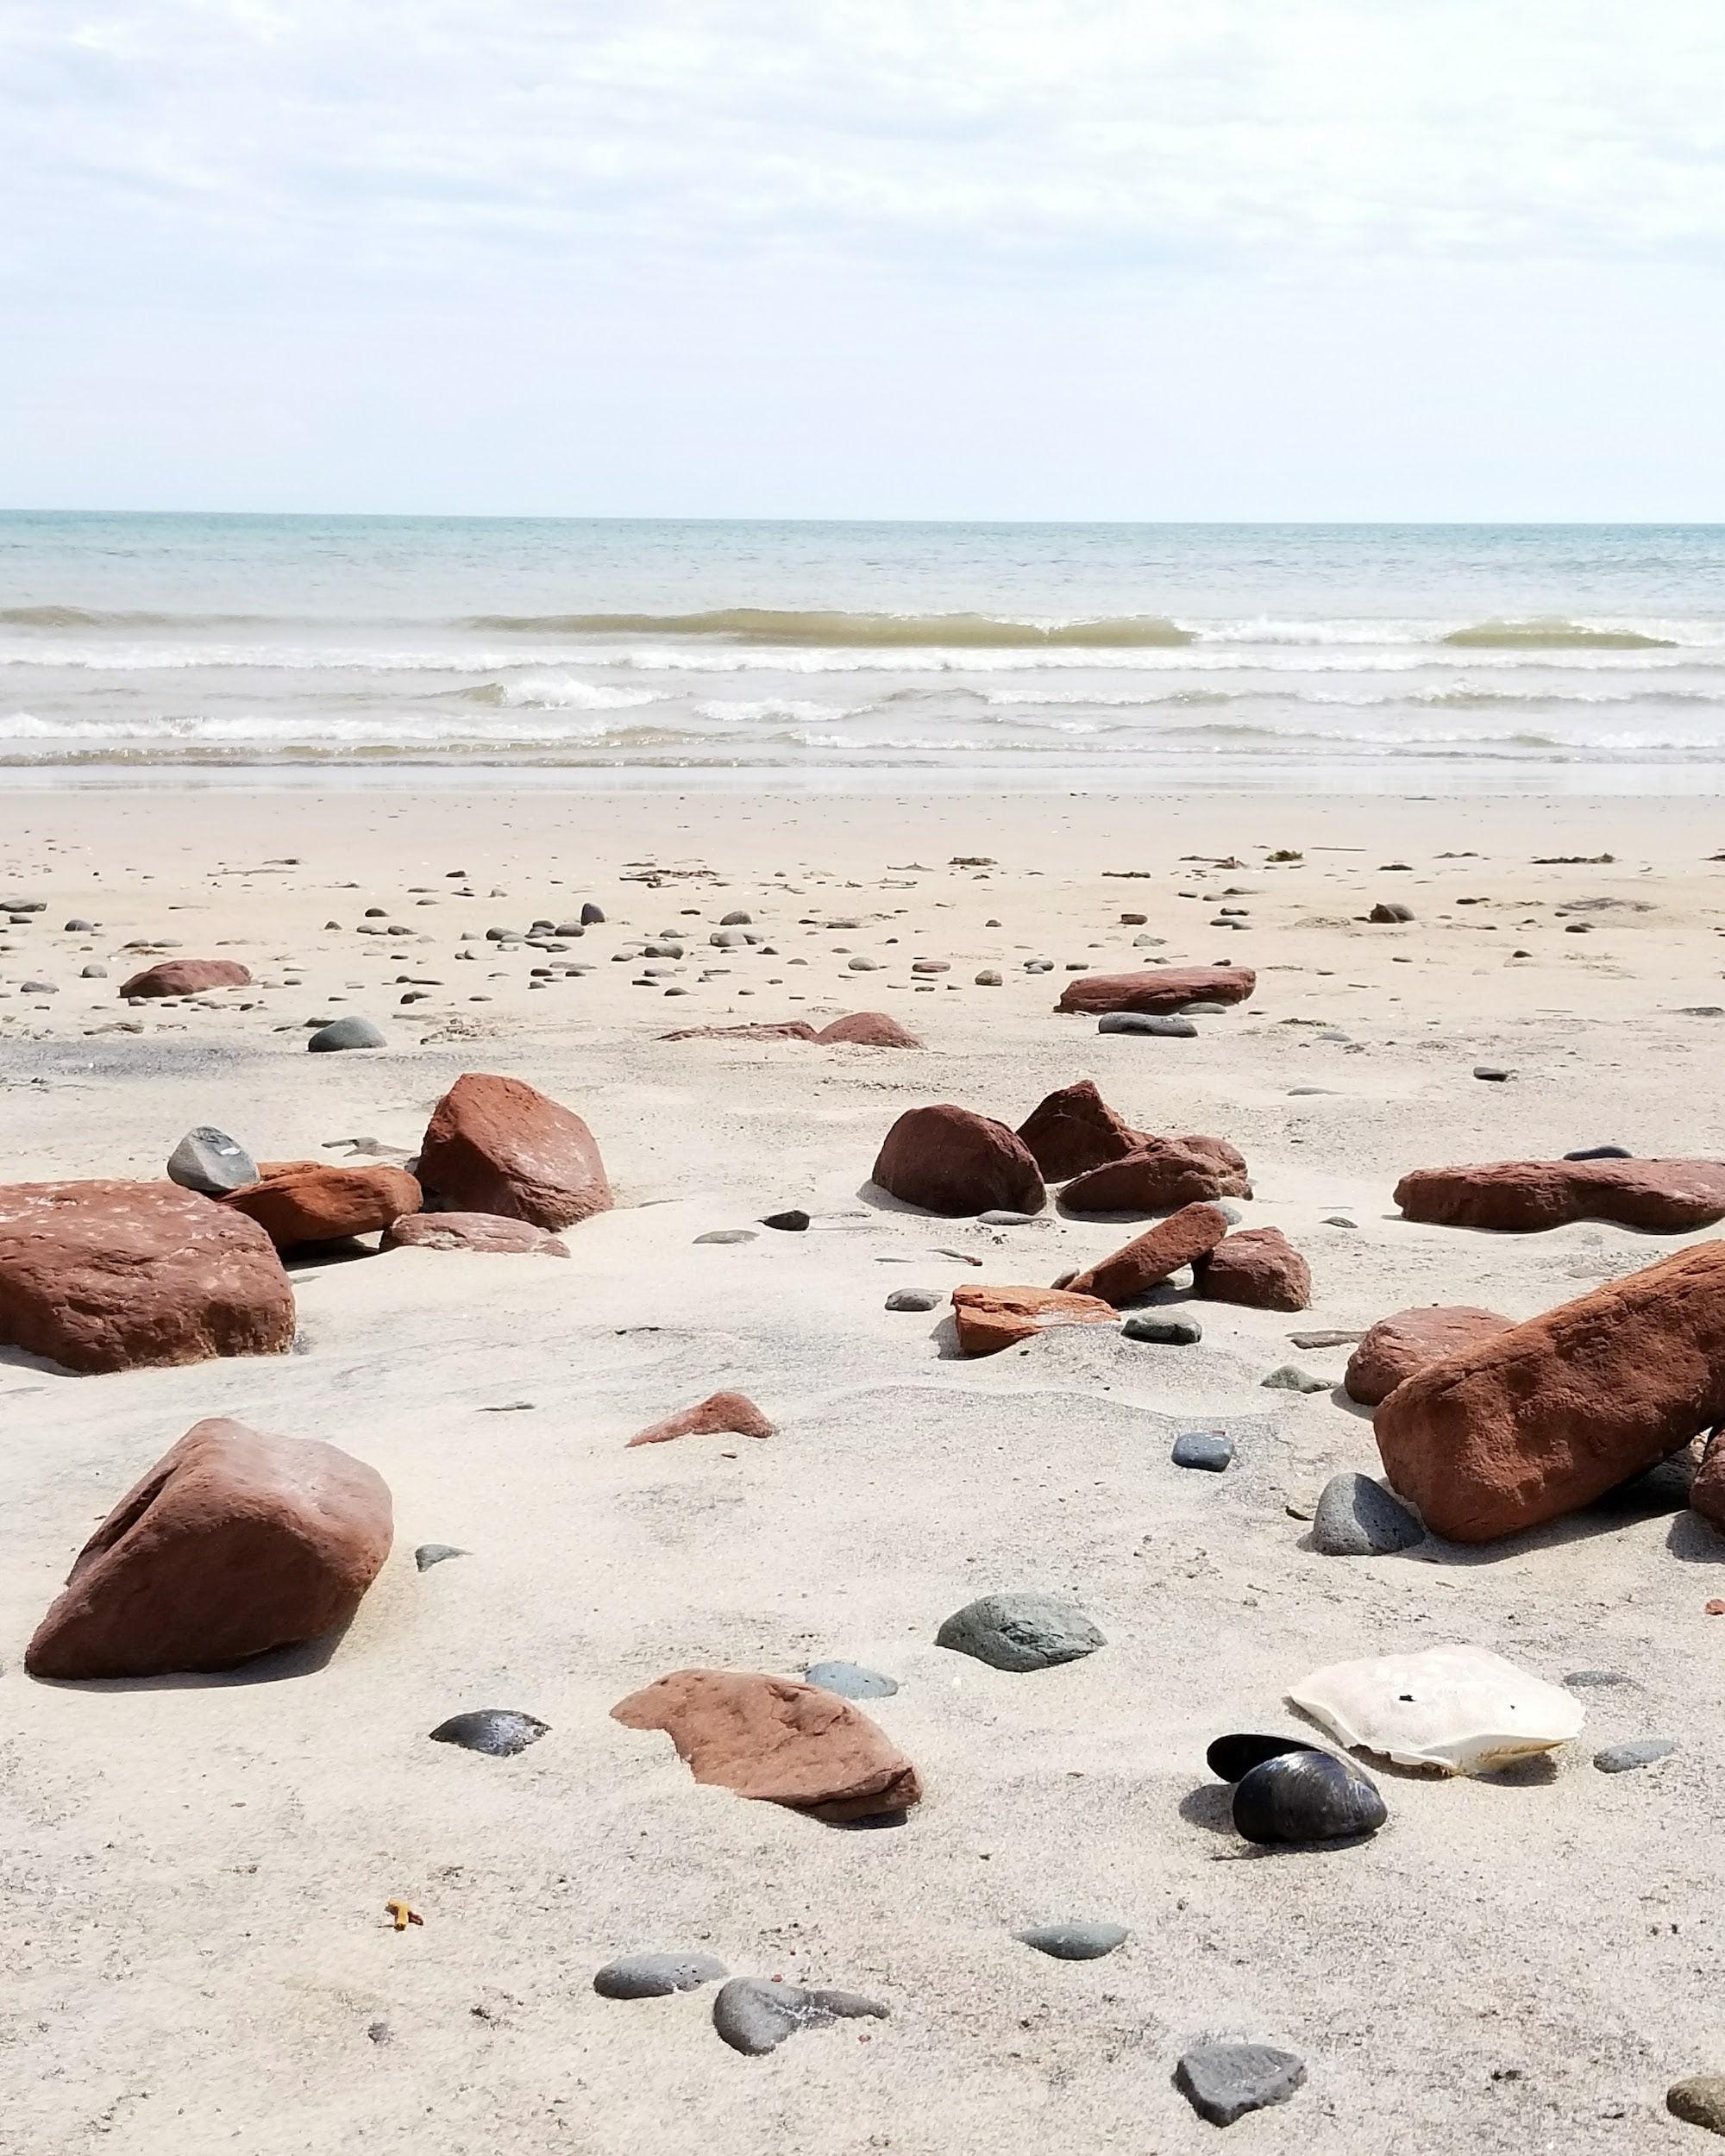 Les Iles de la Madeleine plage bassin-min